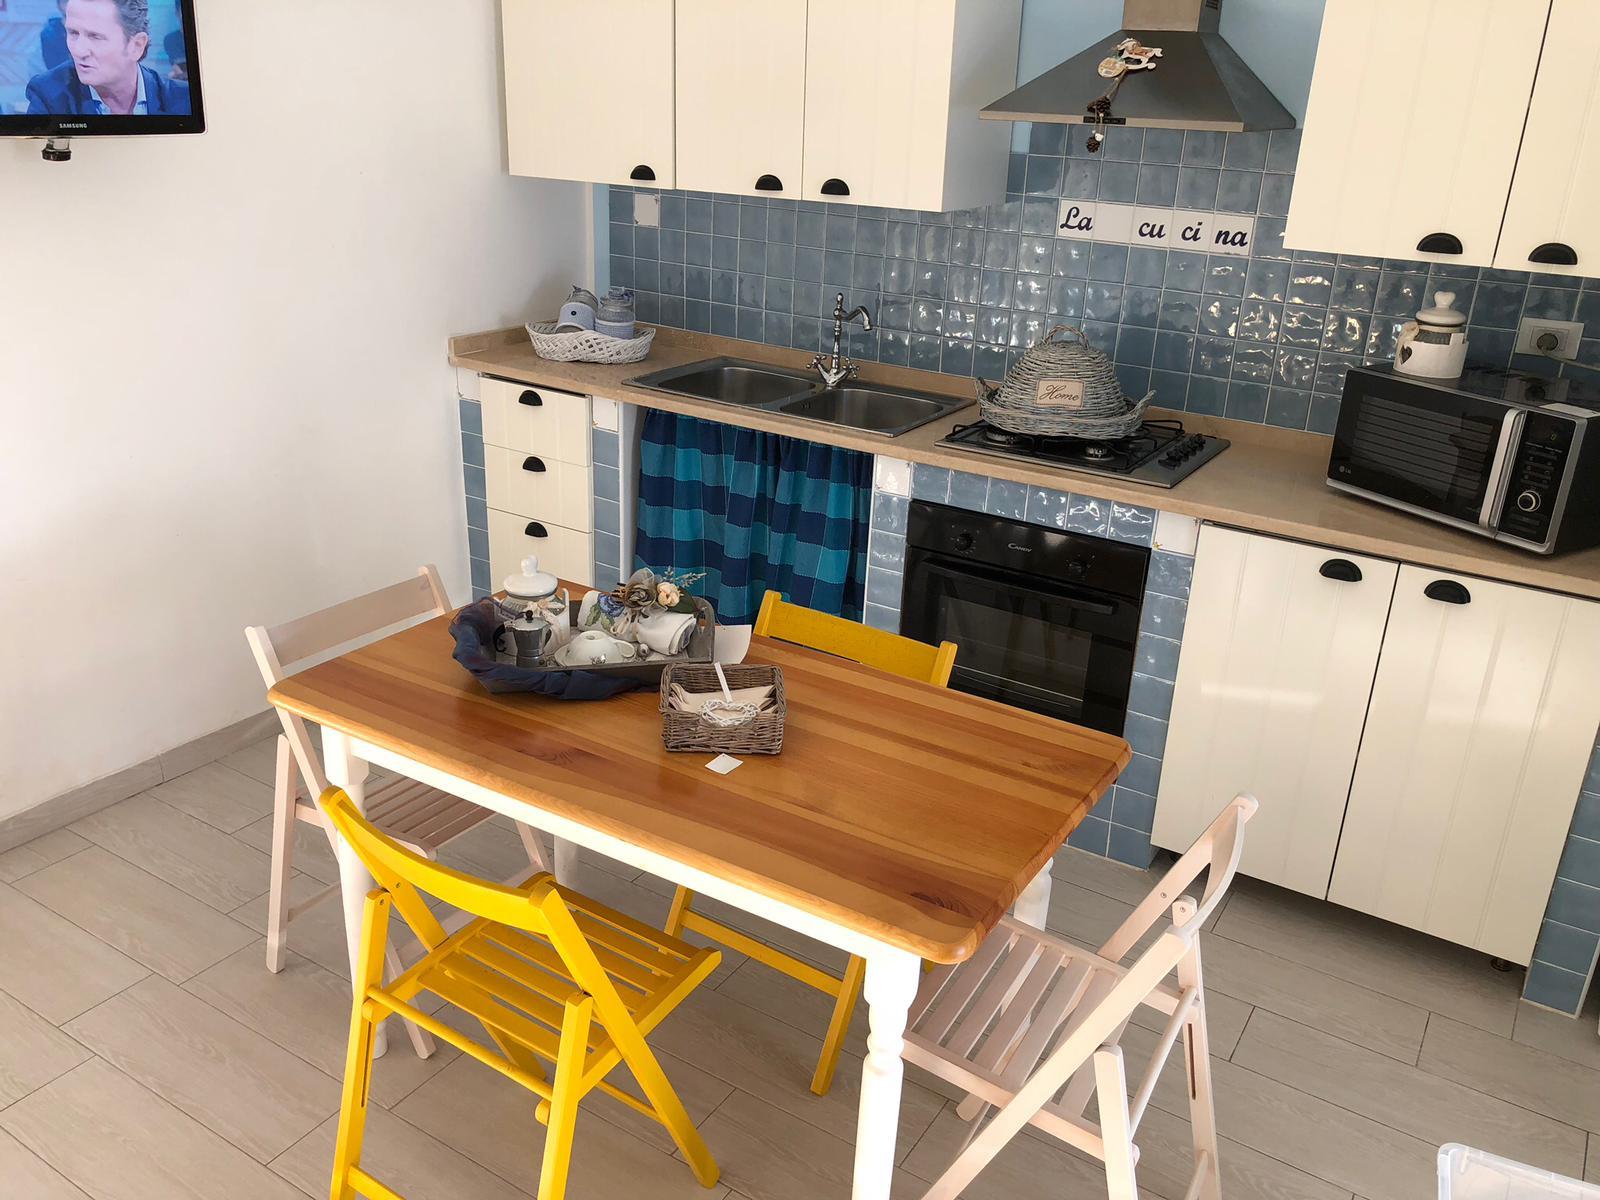 Appartamento in affitto a Alba Adriatica, 3 locali, zona Località: ZonaMare, prezzo € 300   CambioCasa.it